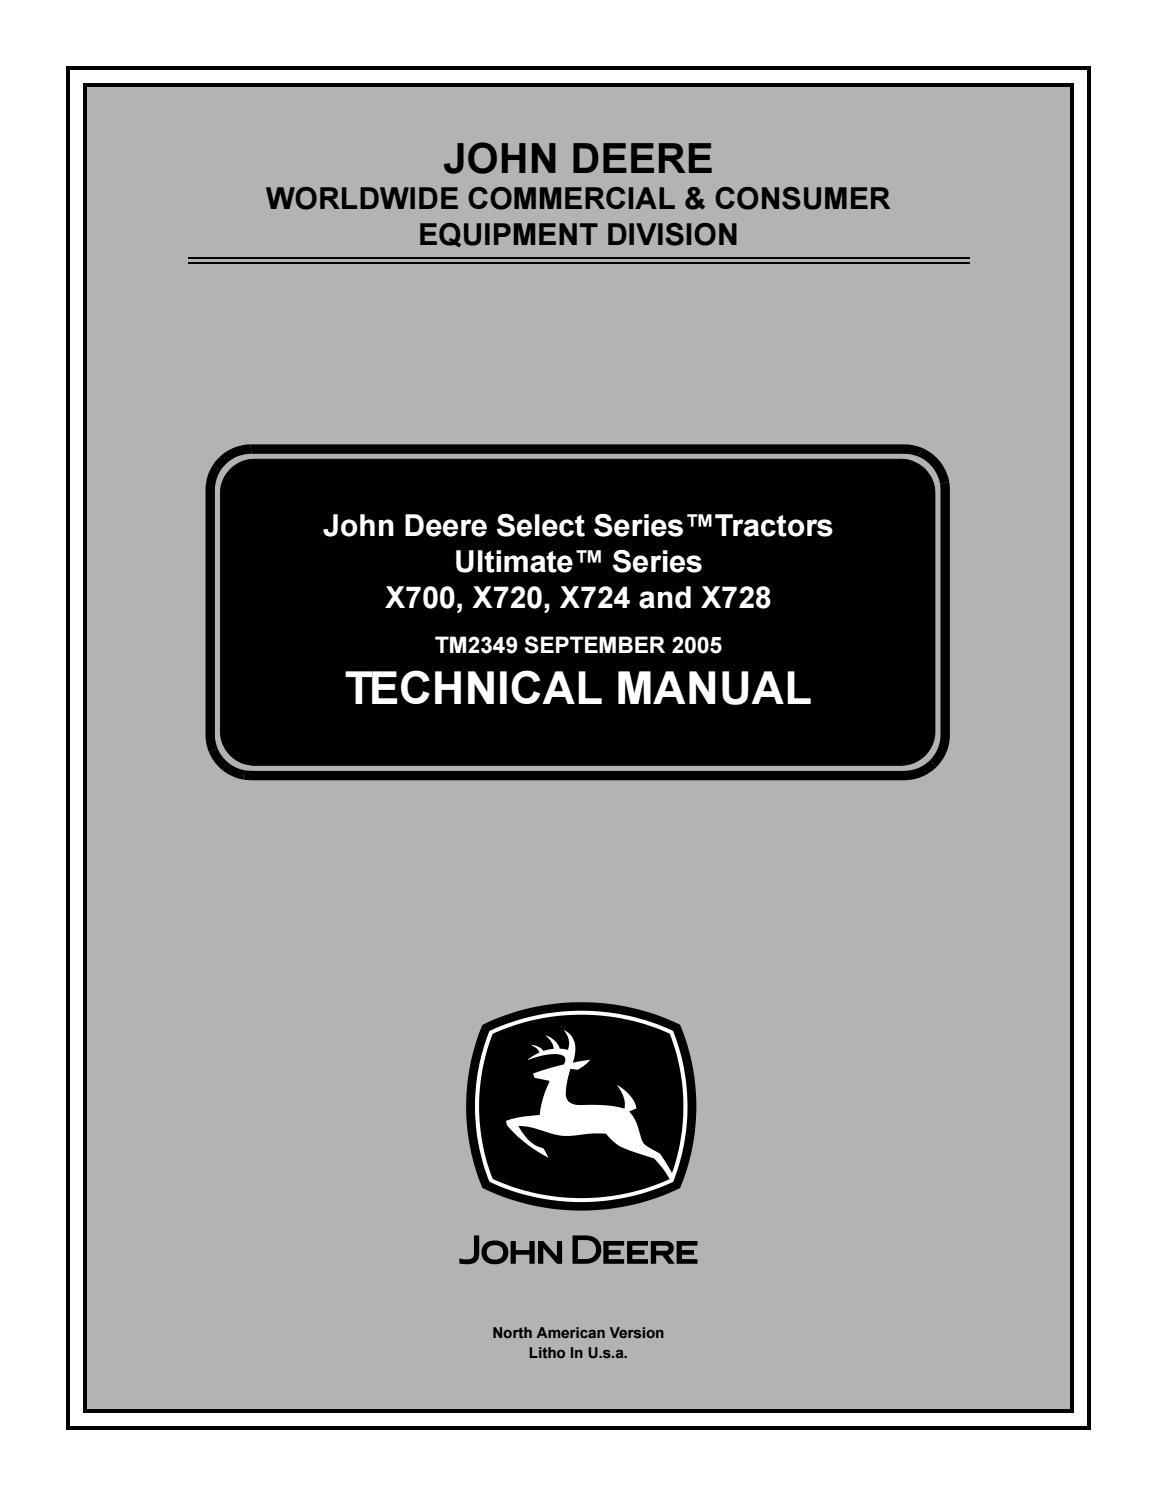 JOHN DEERE X728 LAWN & GARDEN TRACTOR Service Repair